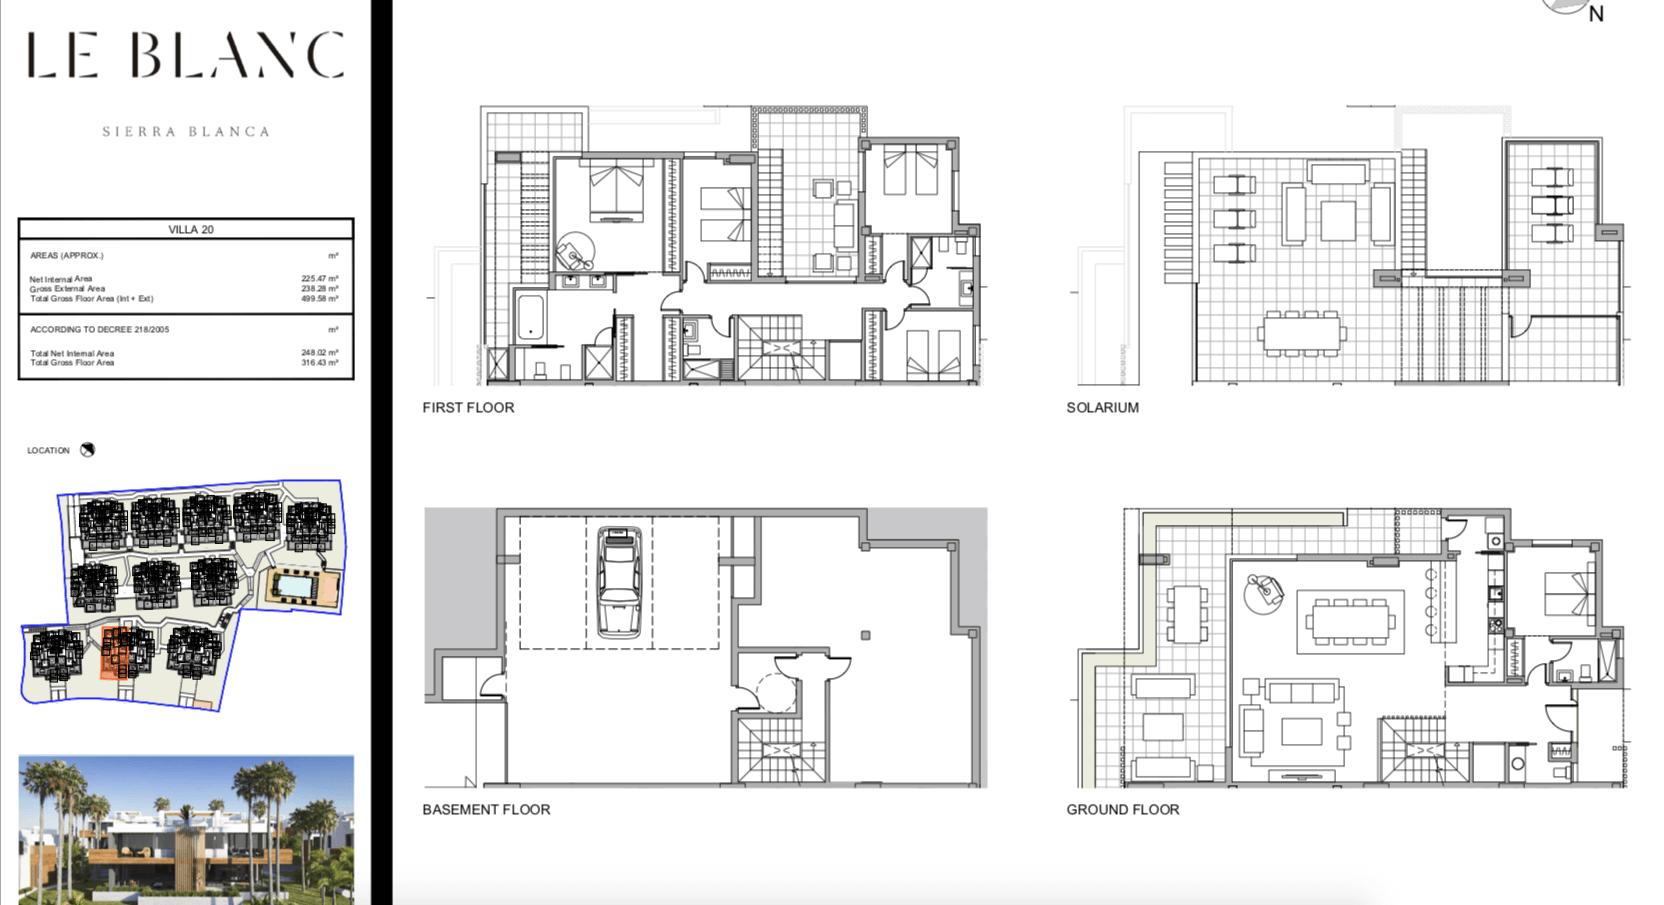 le blanc marbella sierra blanca exclusief spanje design villa te koop luxe grondplan3